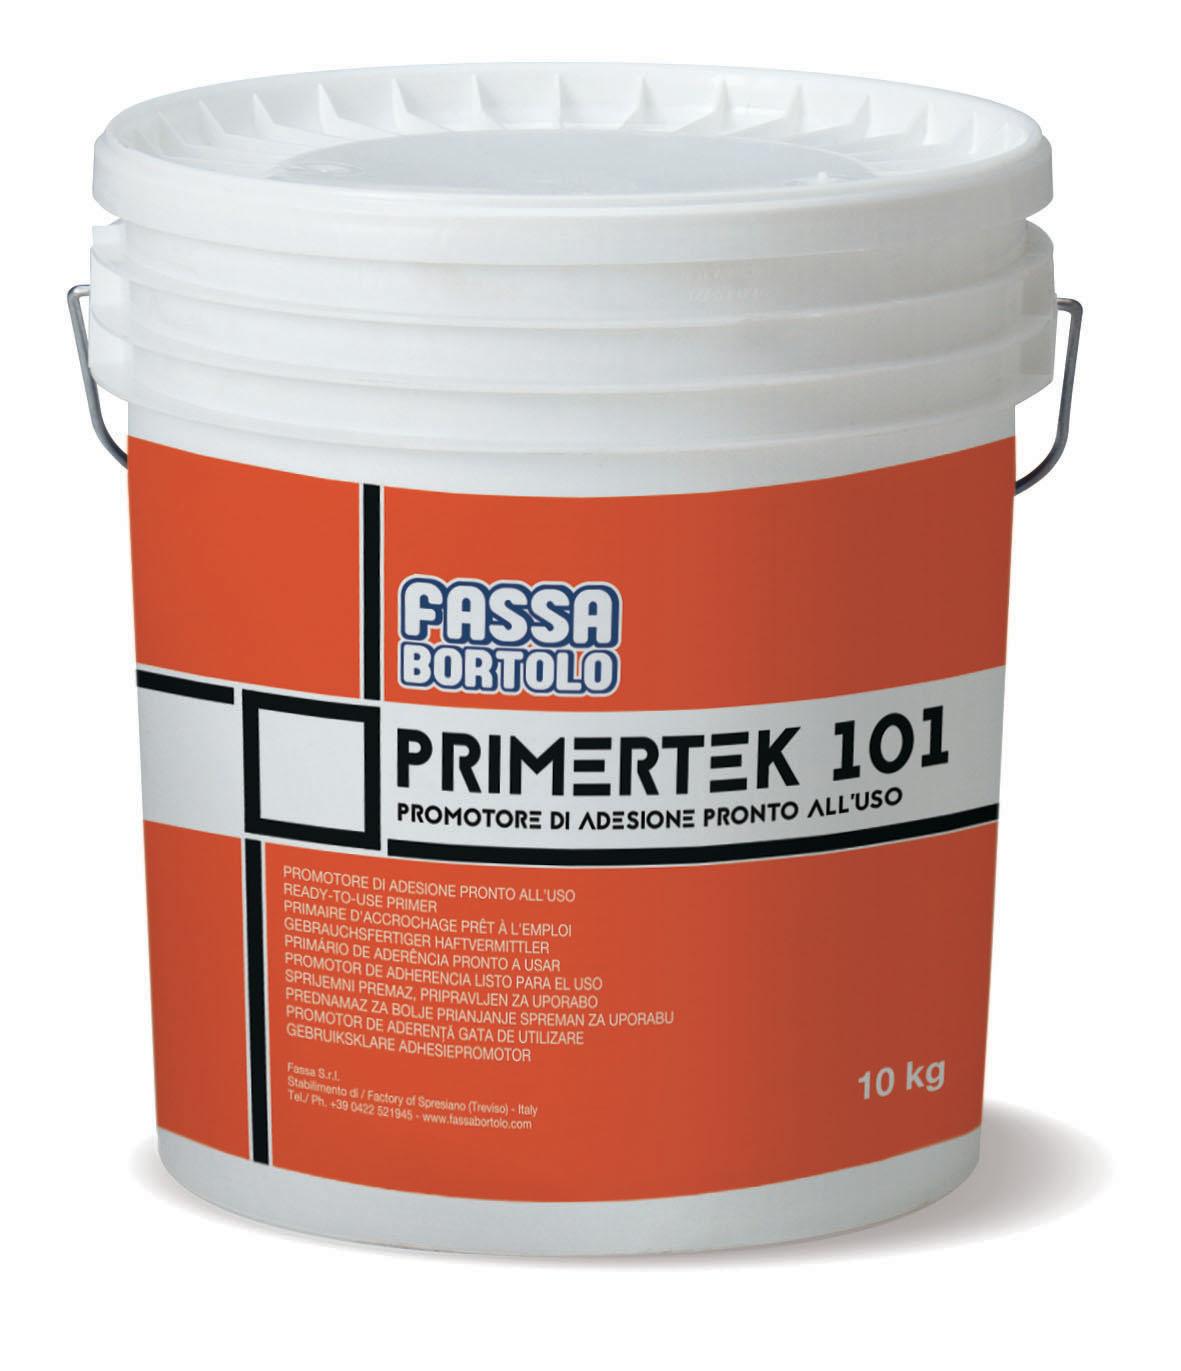 PRIMERTEK 101: Aggrappante monocomponente a base di resine acriliche, di facile applicazione e pronto all'uso